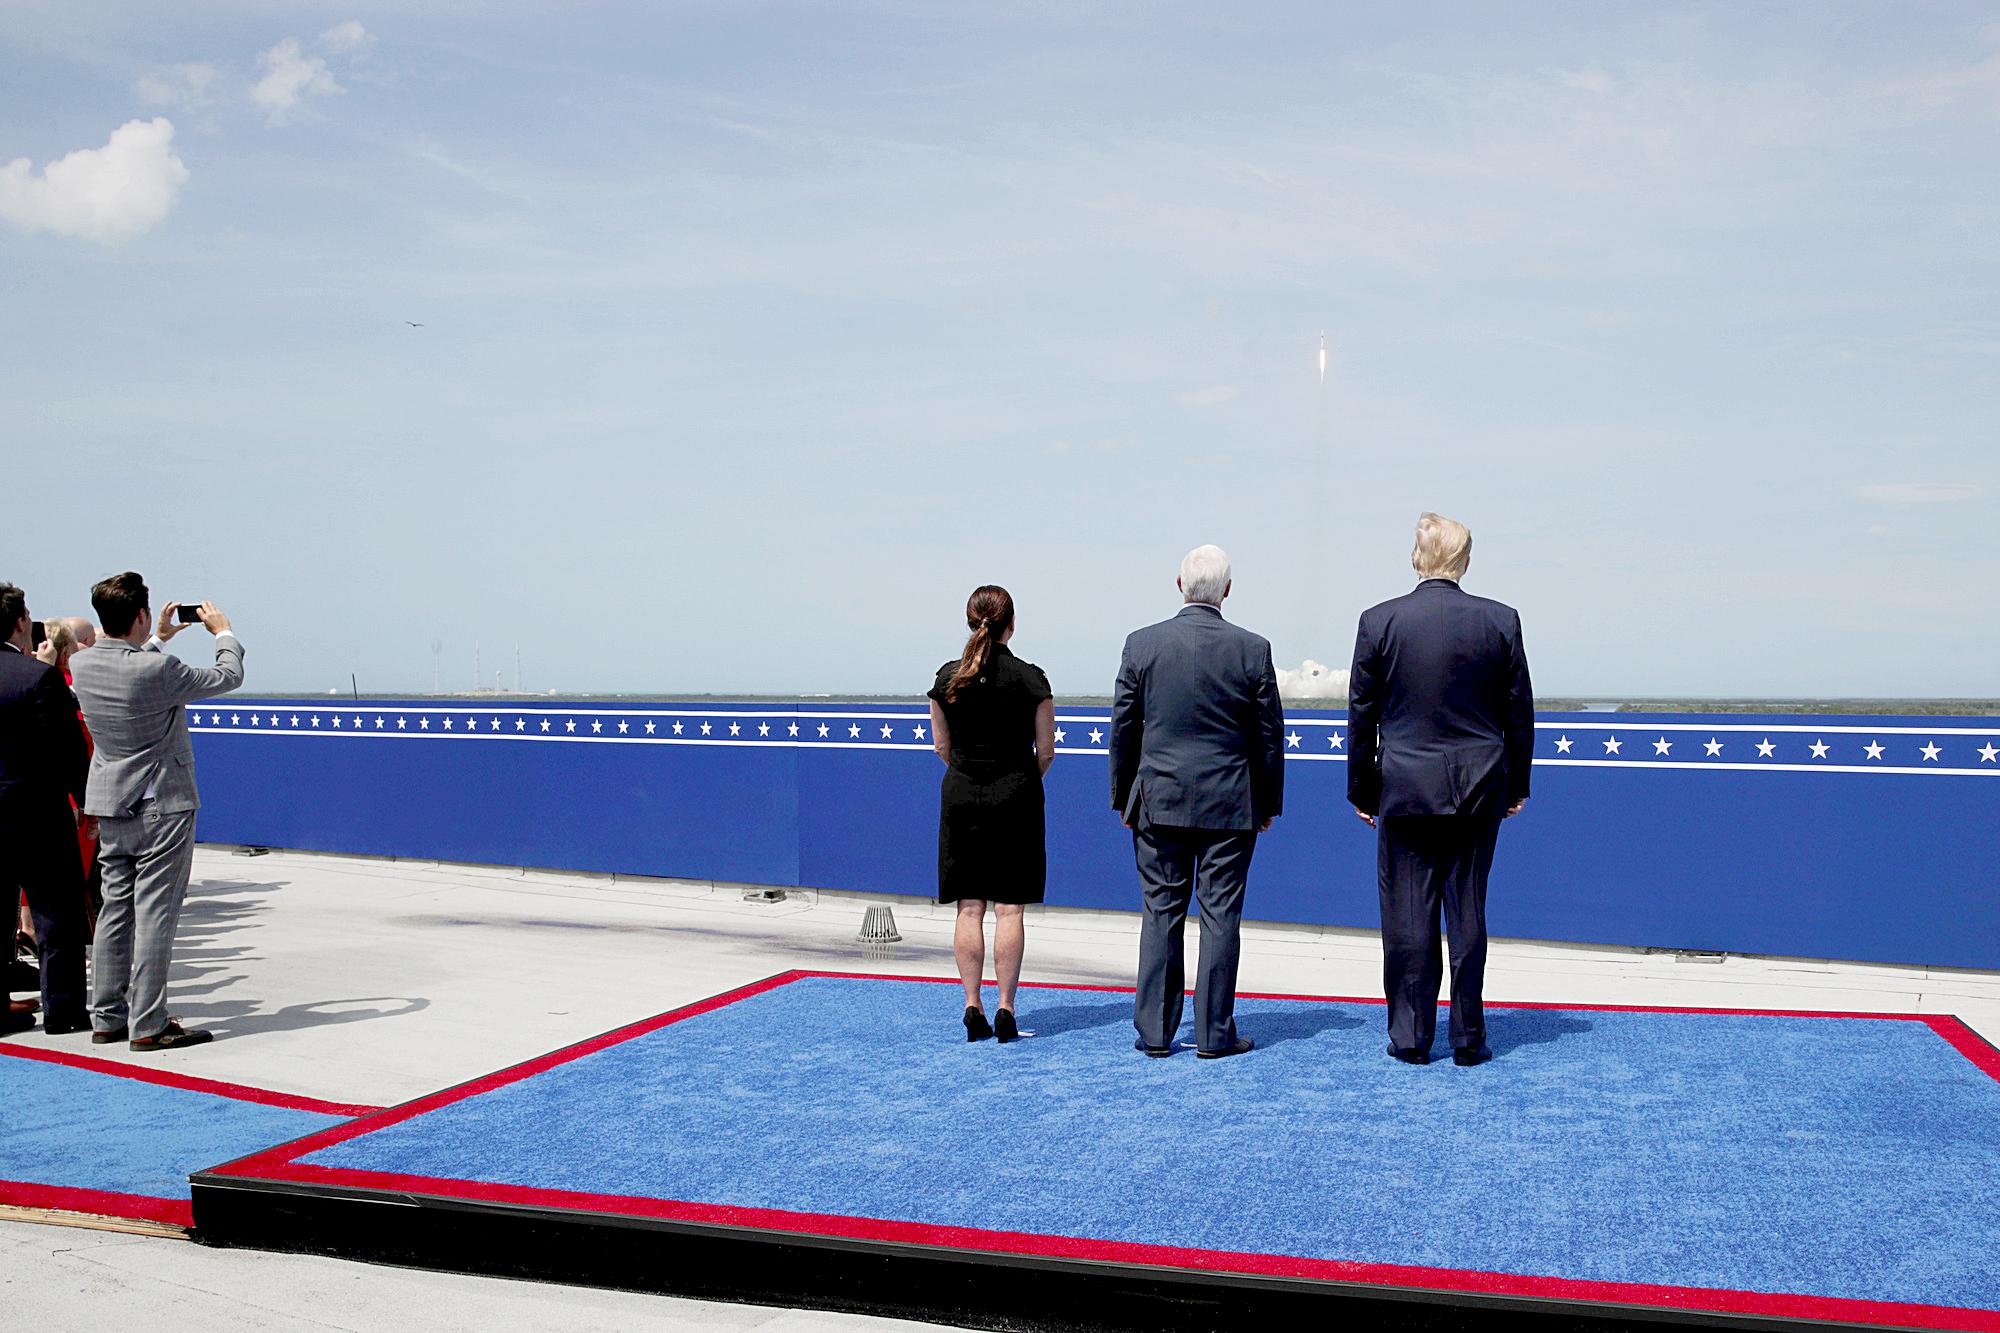 Tổng thống Donald Trump, đệ nhất phu nhân Melania và Phó Tổng thống Mike Pence đã đến theo dõi buổi phóng tàu - Ảnh: NASA